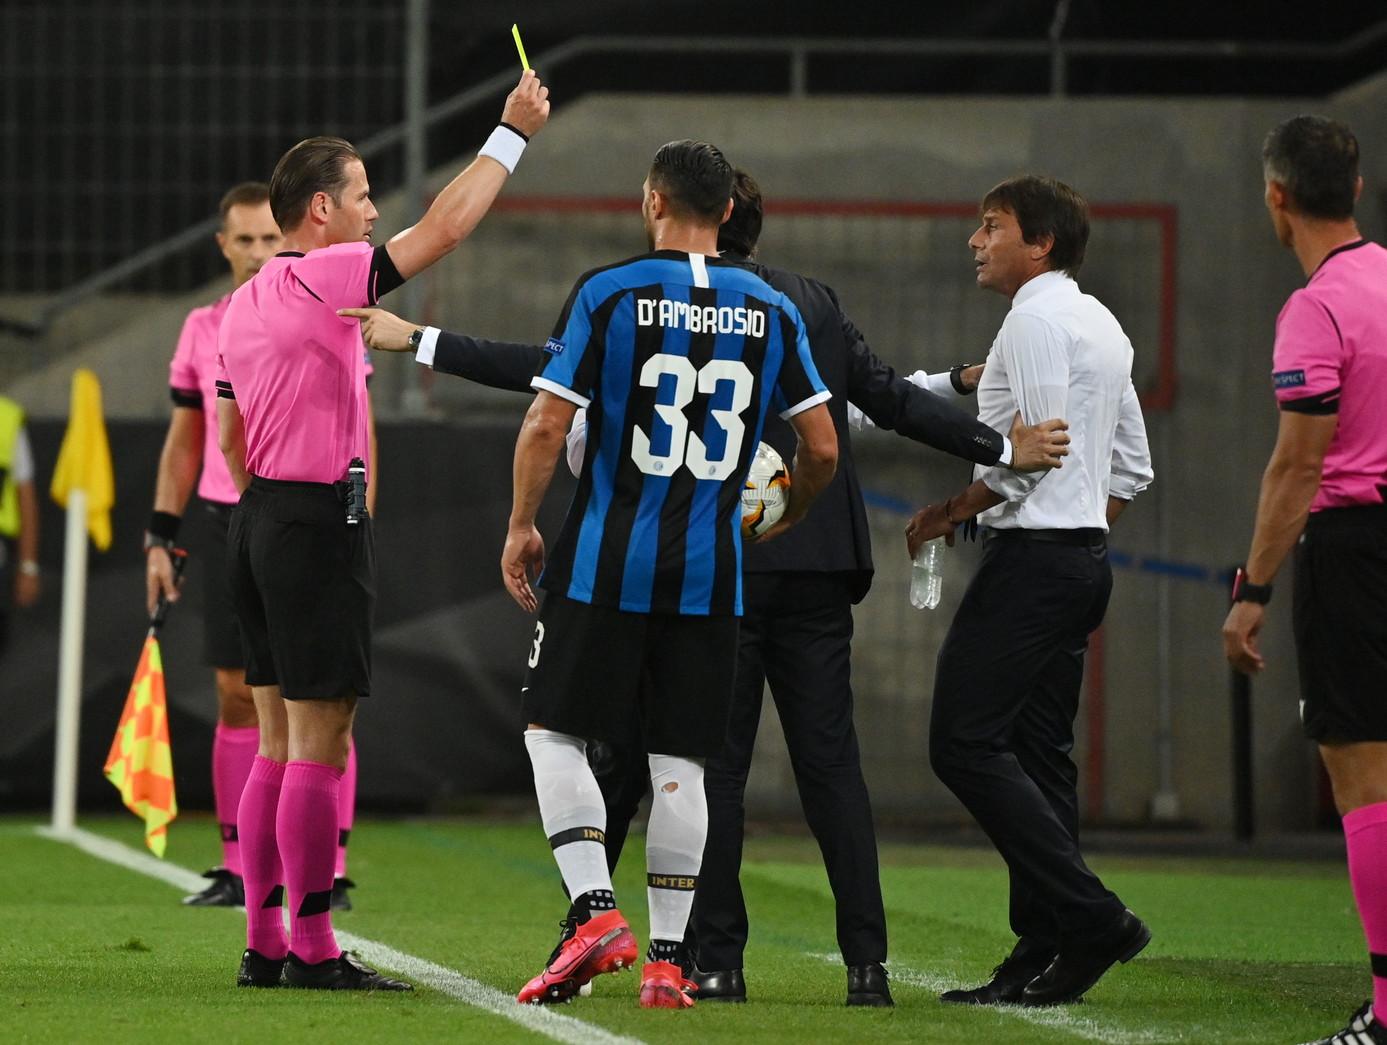 Siviglia-Inter partita tesa non solo in campo: al 17&#39; della finale di Europa League lite tra Antonio Conte ed Ever Banega&nbsp;(tra l&#39;altro ex del match). Il tecnico nerazzurro reclama un rigore per un tocco di mano in area di Diego Carlos, il centrocampista infastidito dalle proteste urla: &quot;Basta, devi stare zitto!&quot;. Inizia cos&igrave; un battibecco che poi l&#39;arbitro olandese Makkelie chiude ammonendo Conte per condotta antisportiva.<br /><br />